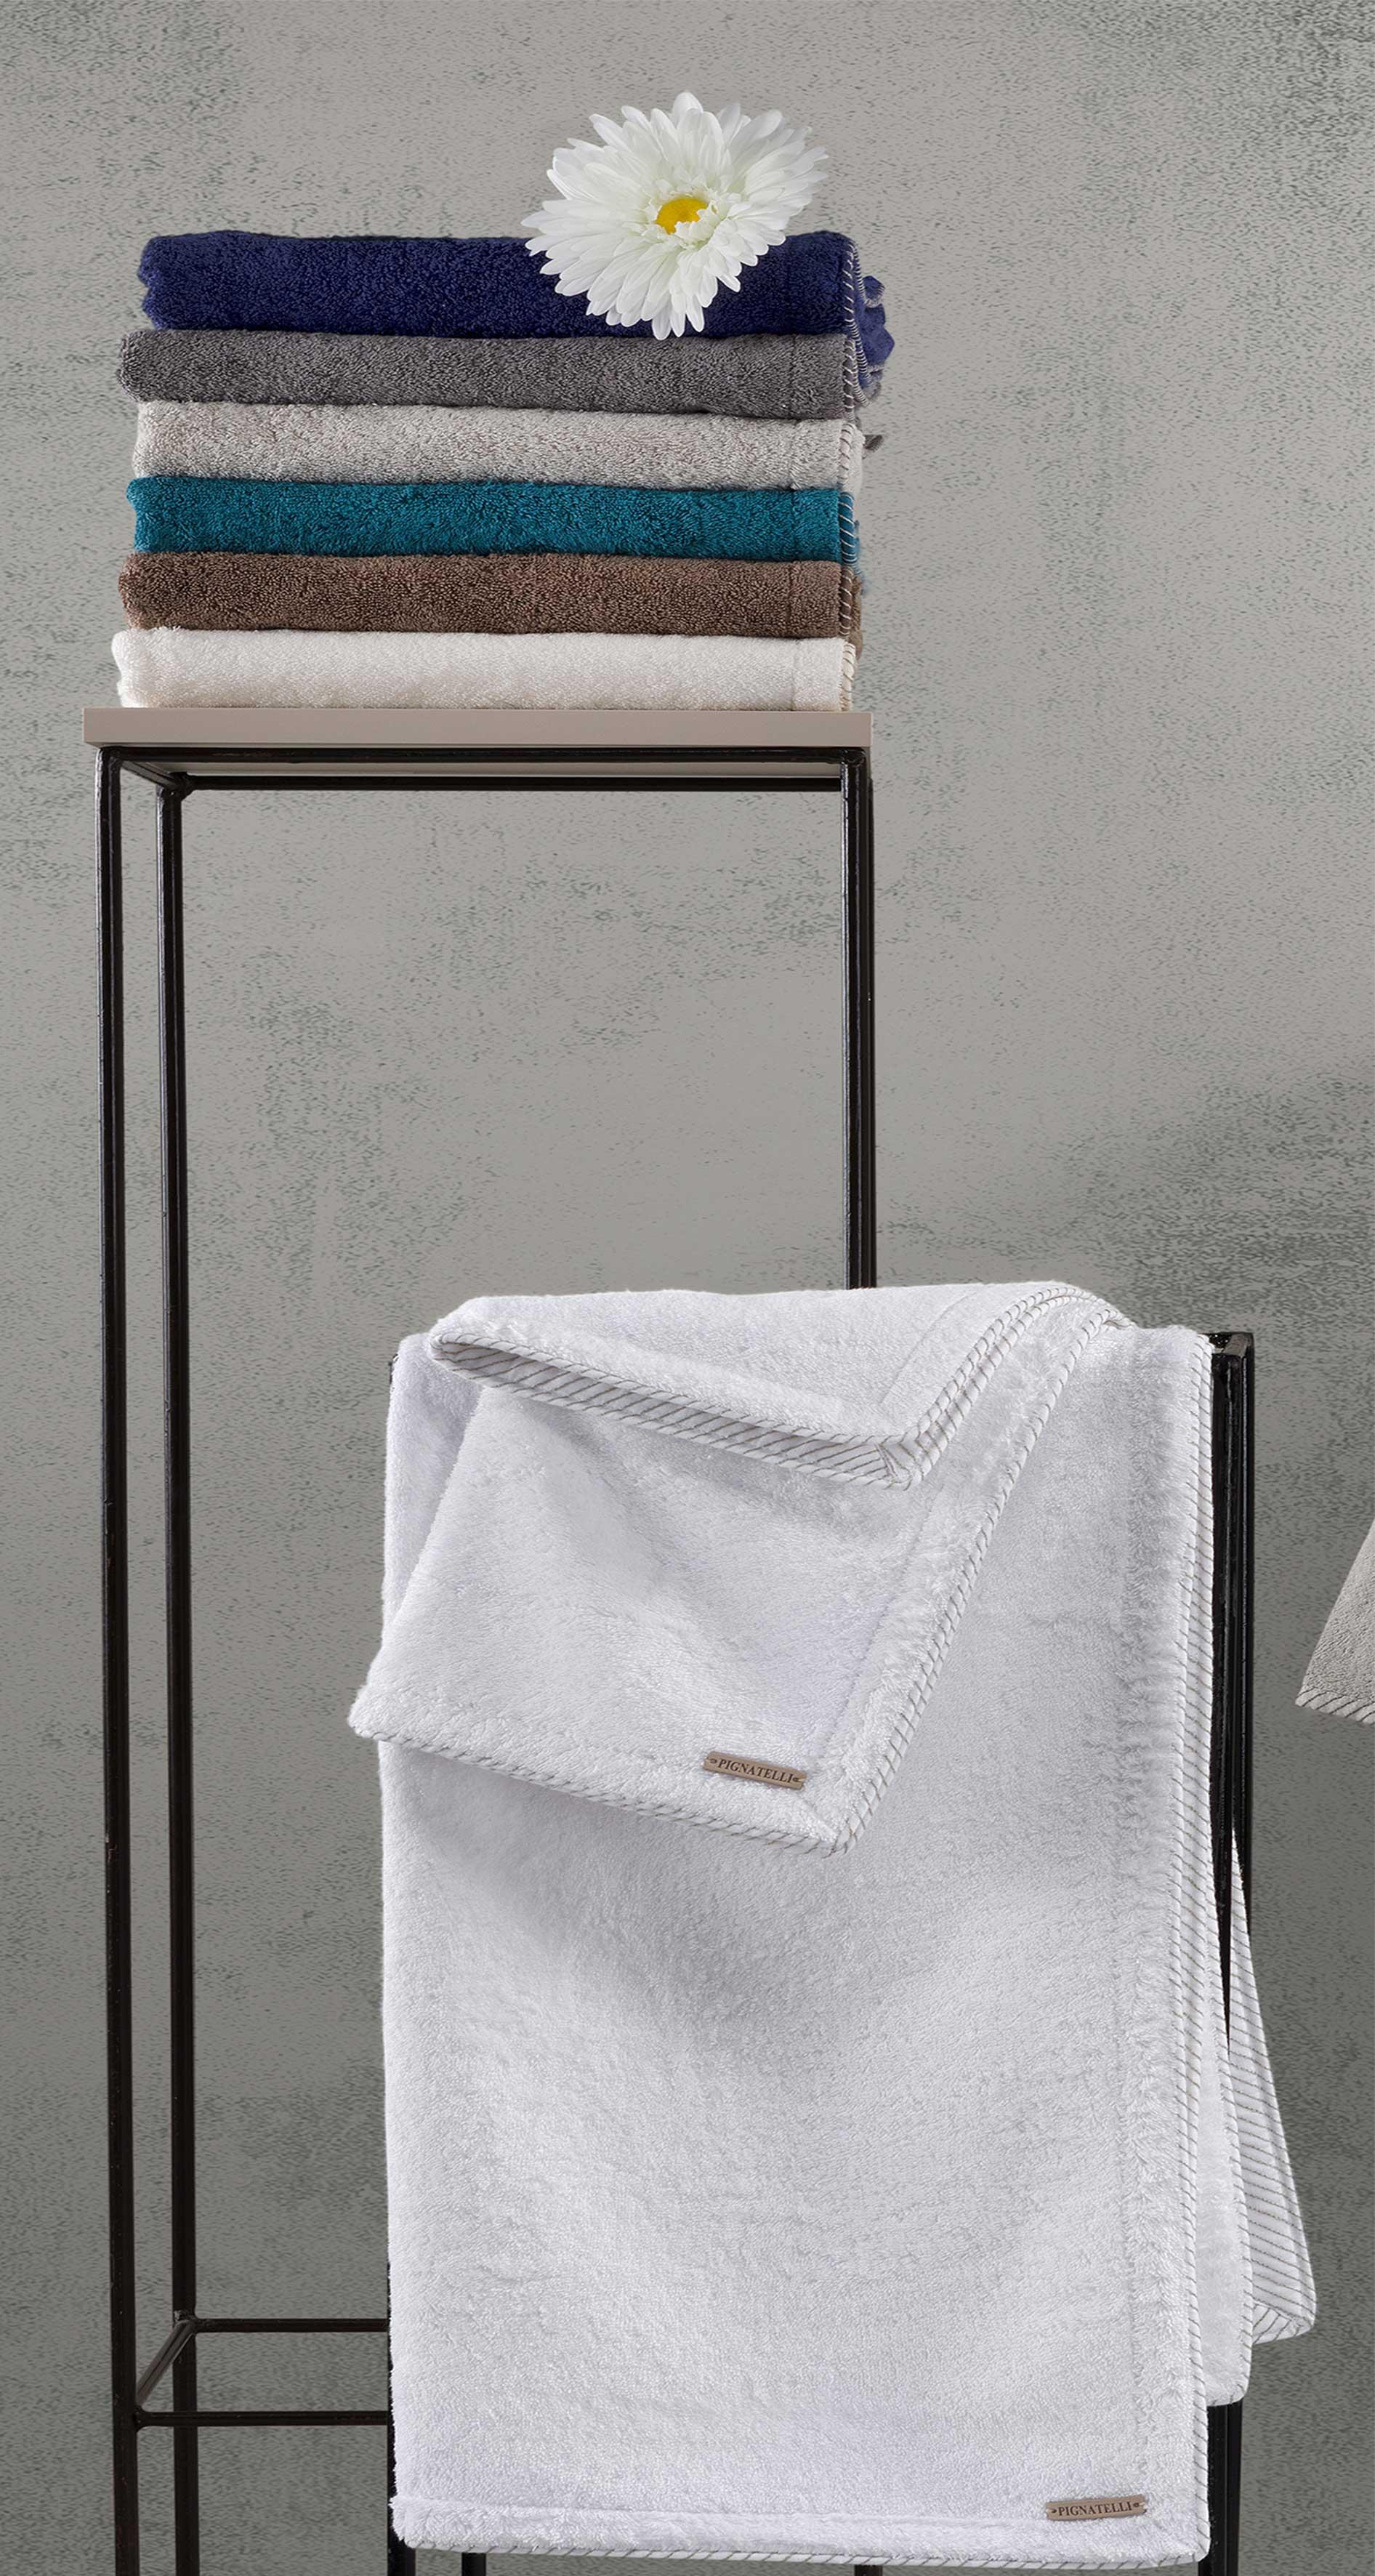 Set asciugamani da bagno delos 2pz con ricamo maddalena home - Set asciugamani bagno ...